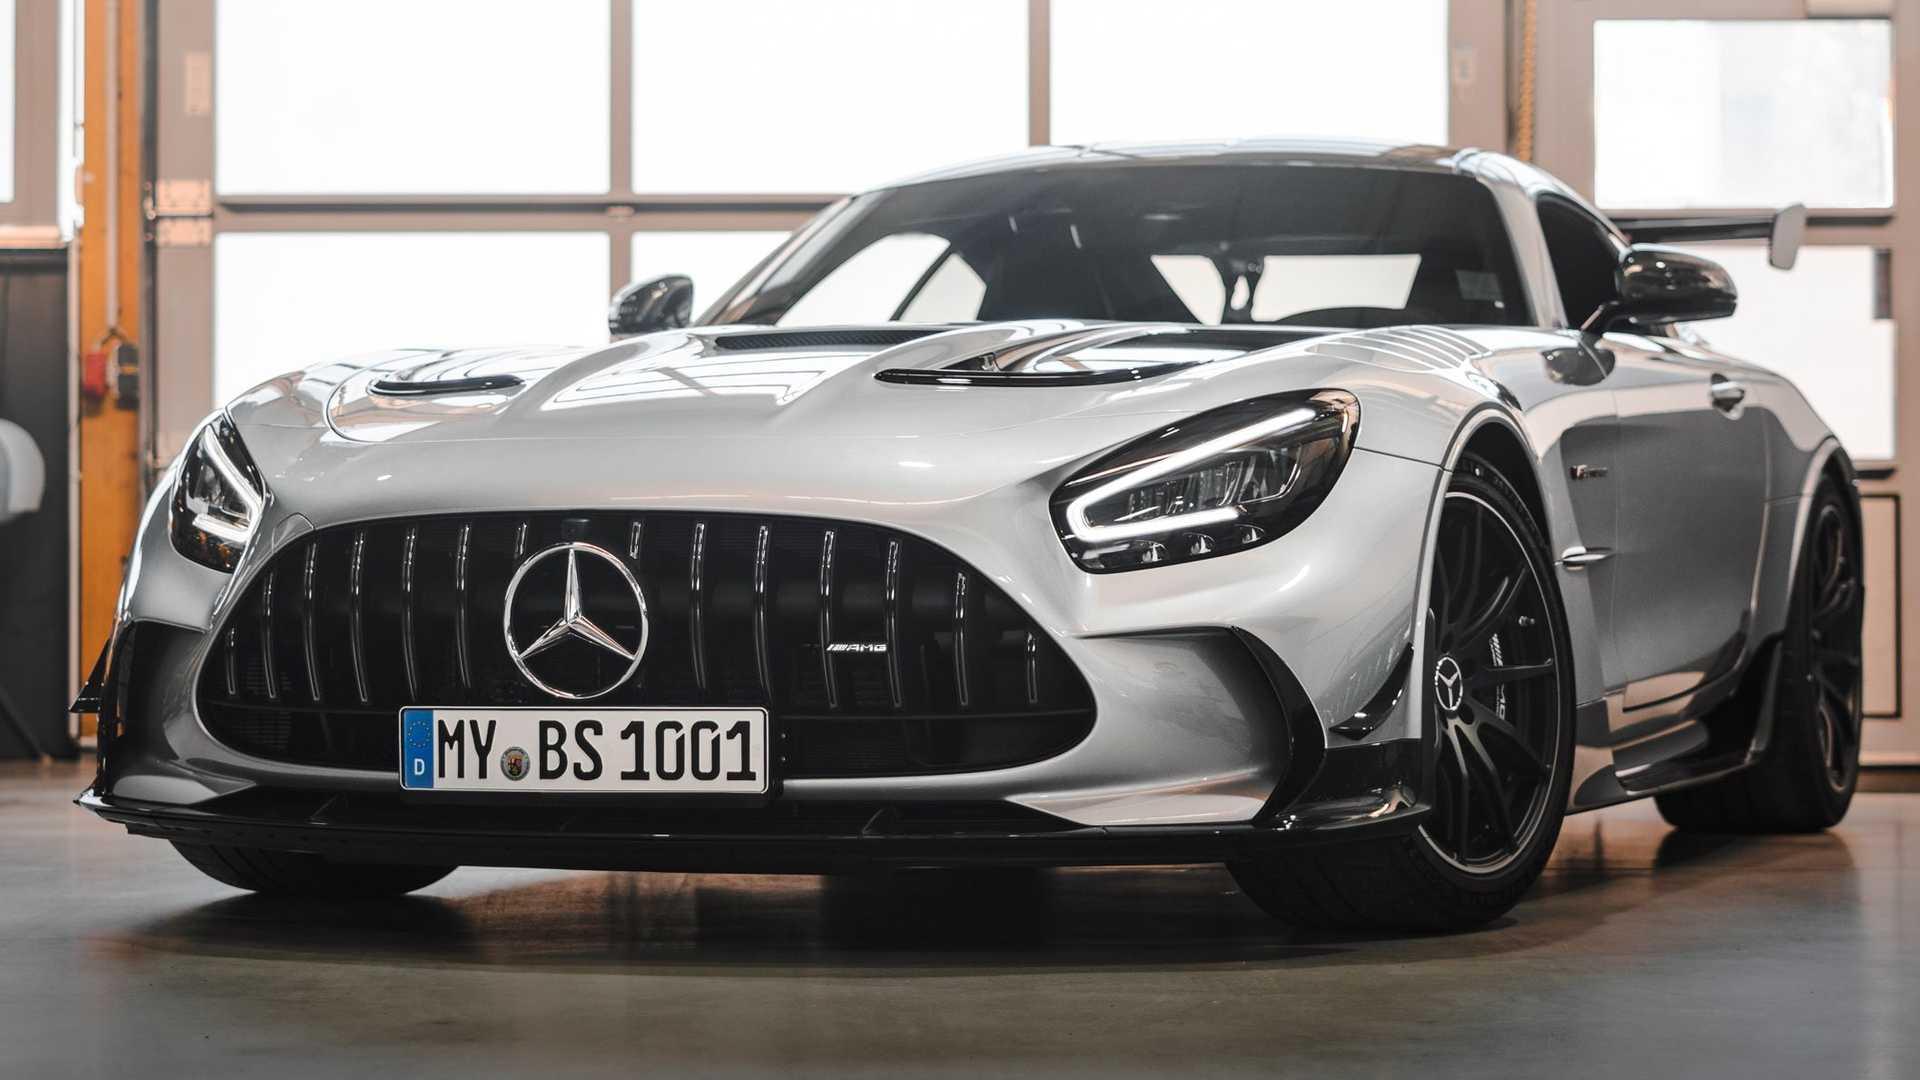 Автомобиль Mercedes-AMG GT Black Series стал еще мощнее – целых 1111 «лошадок» и задний привод!